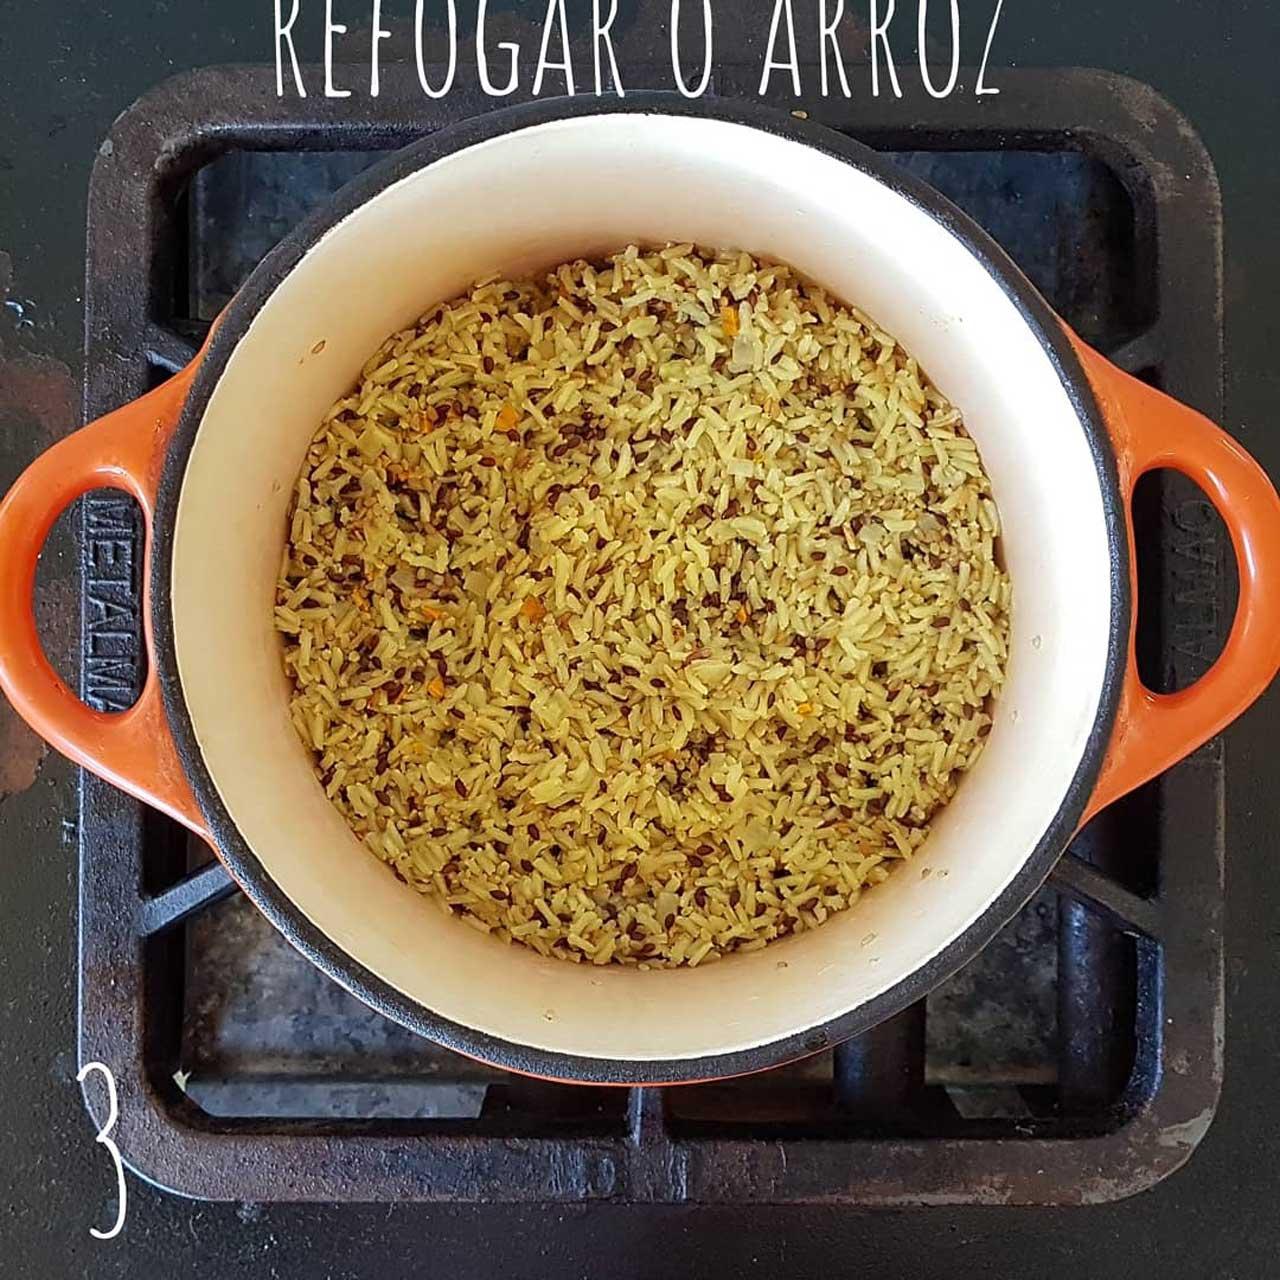 arroz-integral-com-linhaca-e-gergelim-03